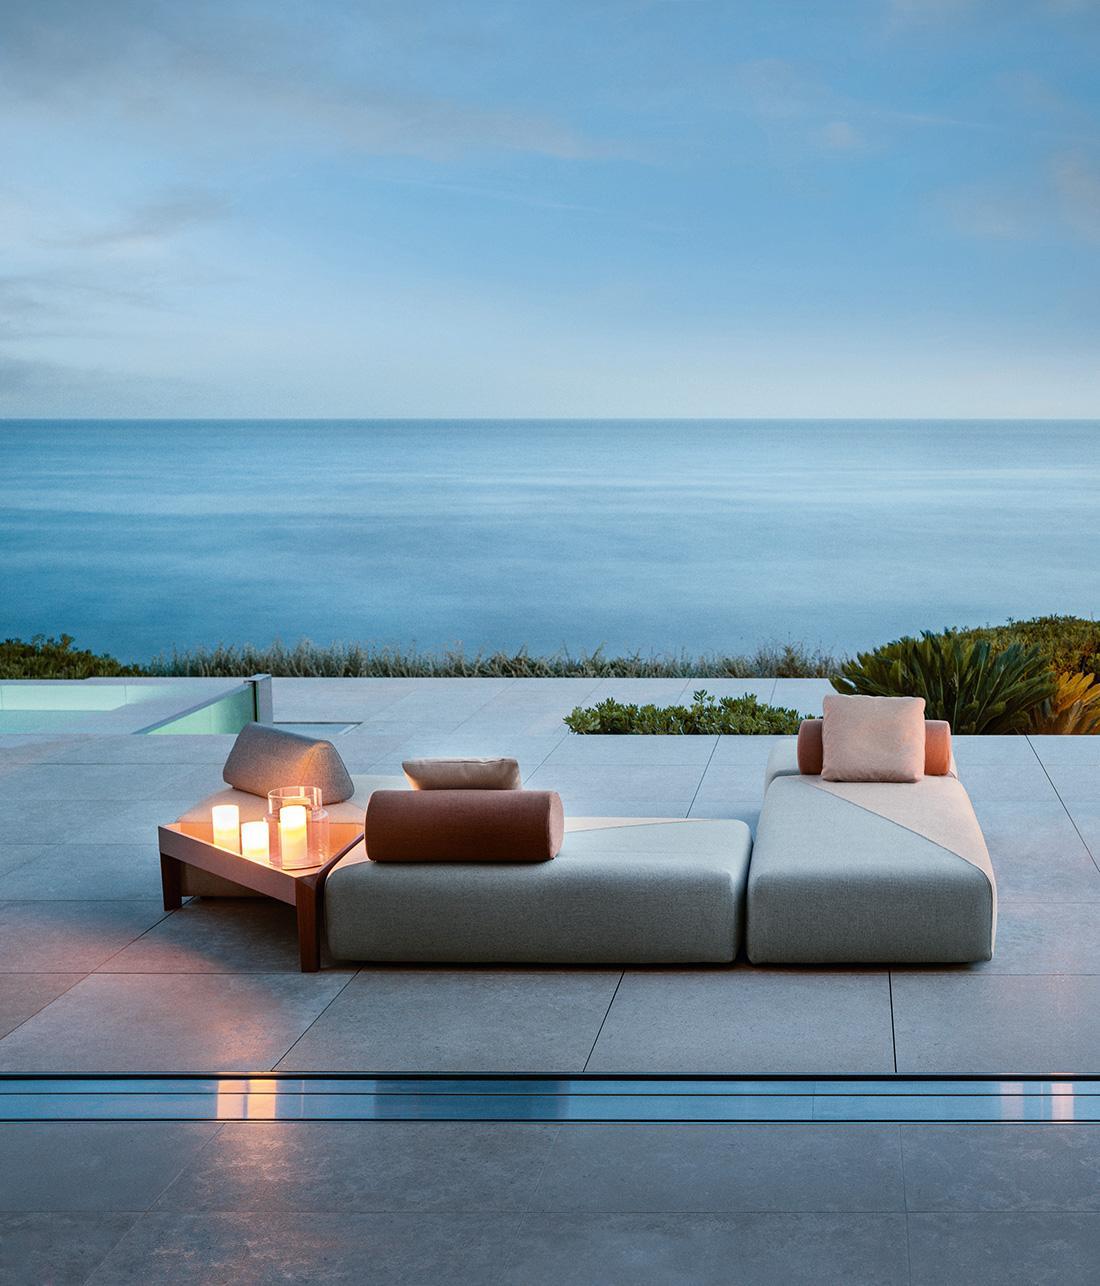 Modulare Outdoor Serie Von Dedon #terrasse #gartenmöbel #gartengestaltung  ©DEDON